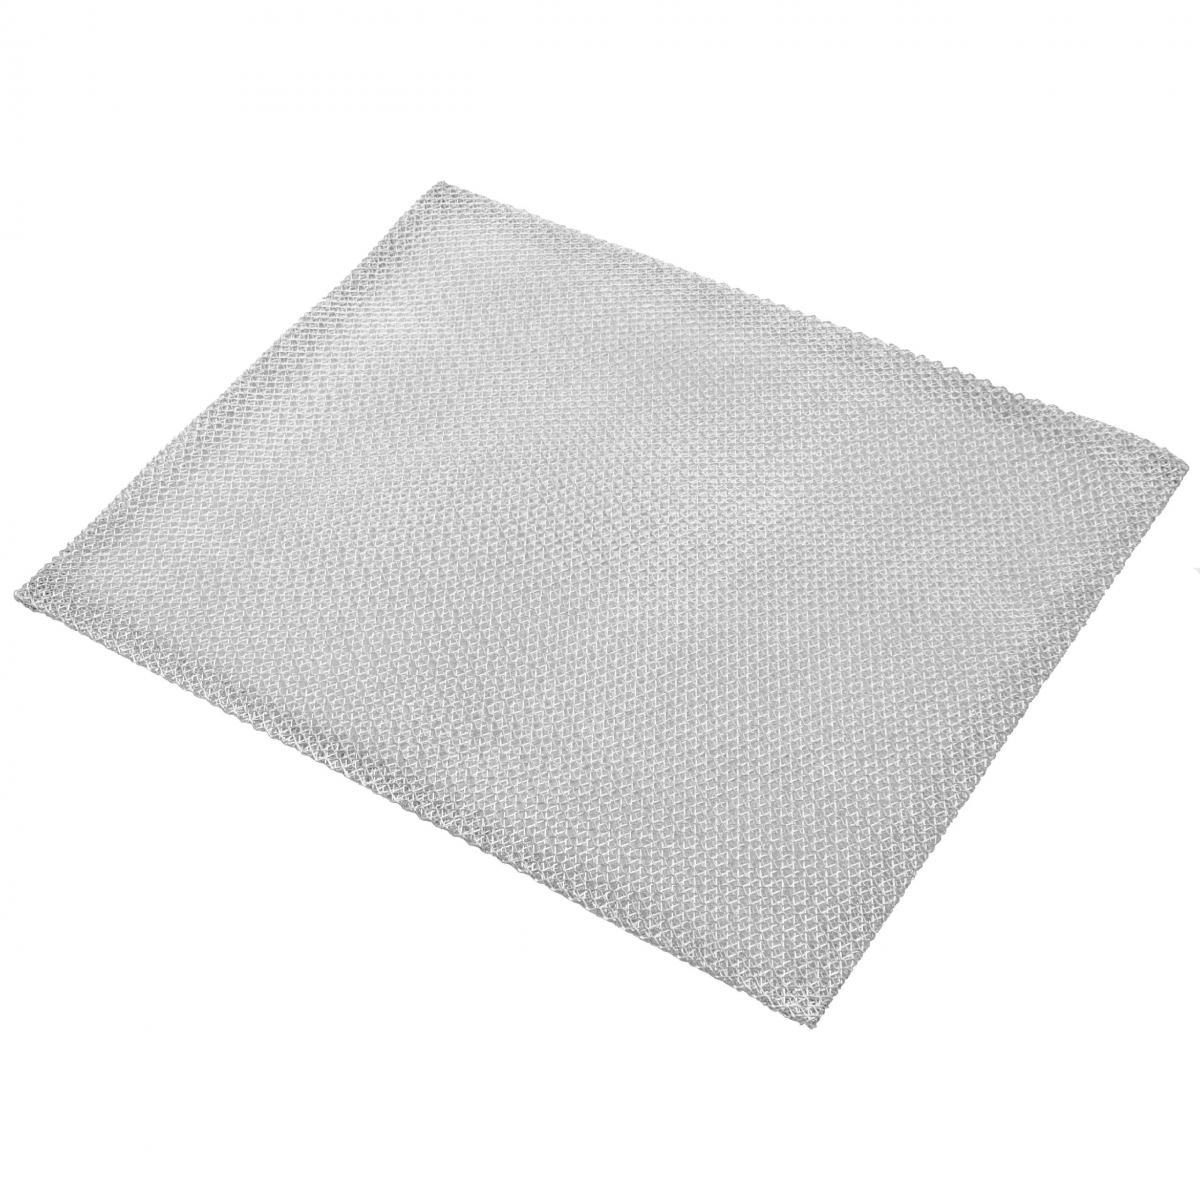 Vhbw vhbw Filtrepermanent filtre à graisse métallique 30 x 23,6 x 0,3cm convient pour Whirlpool AKR 973 857897301130 hottes d